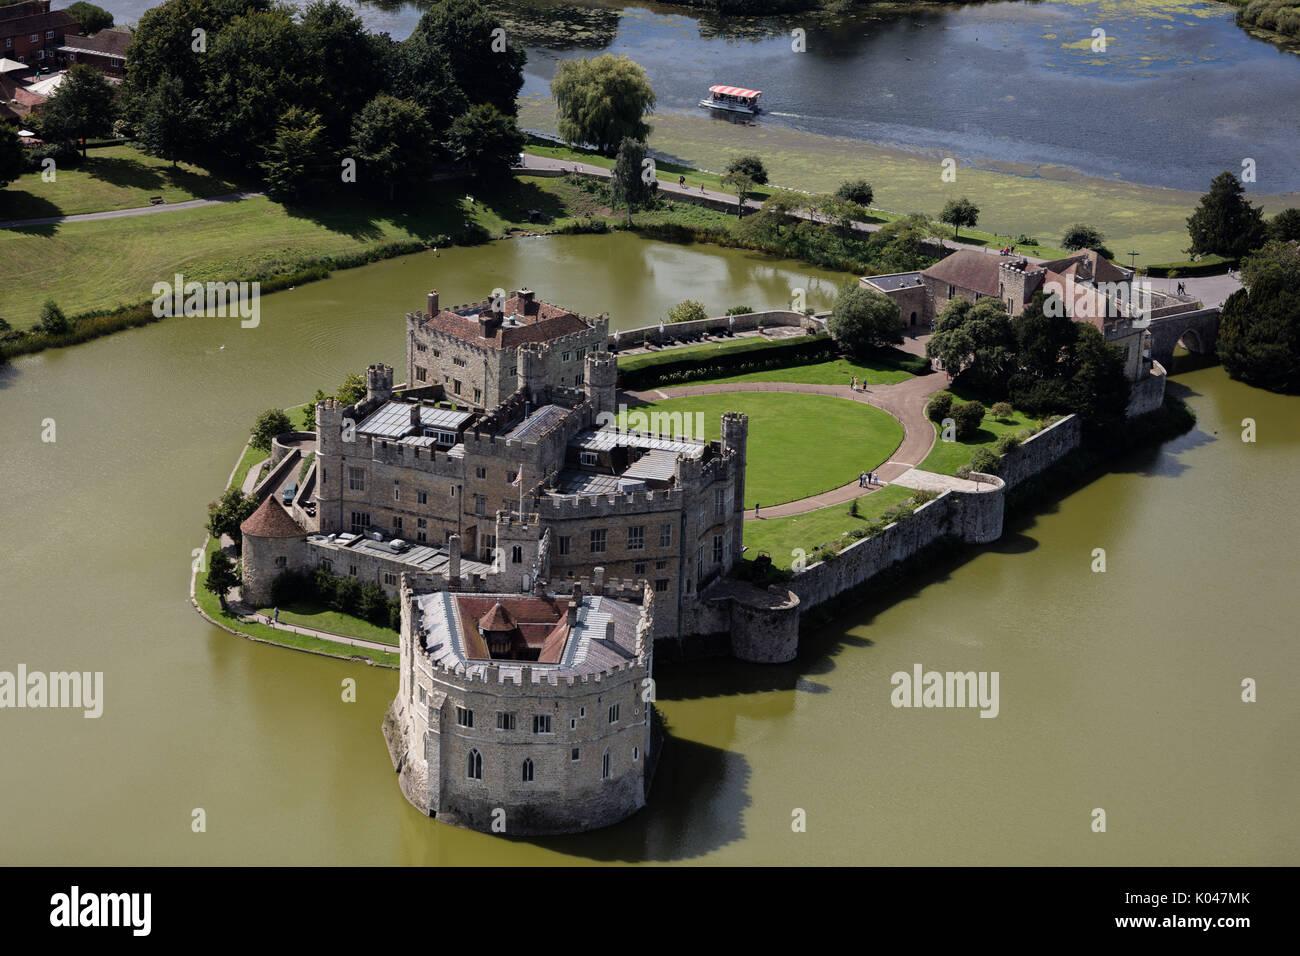 Eine Luftaufnahme von Leeds Castle, Kent. Stockbild